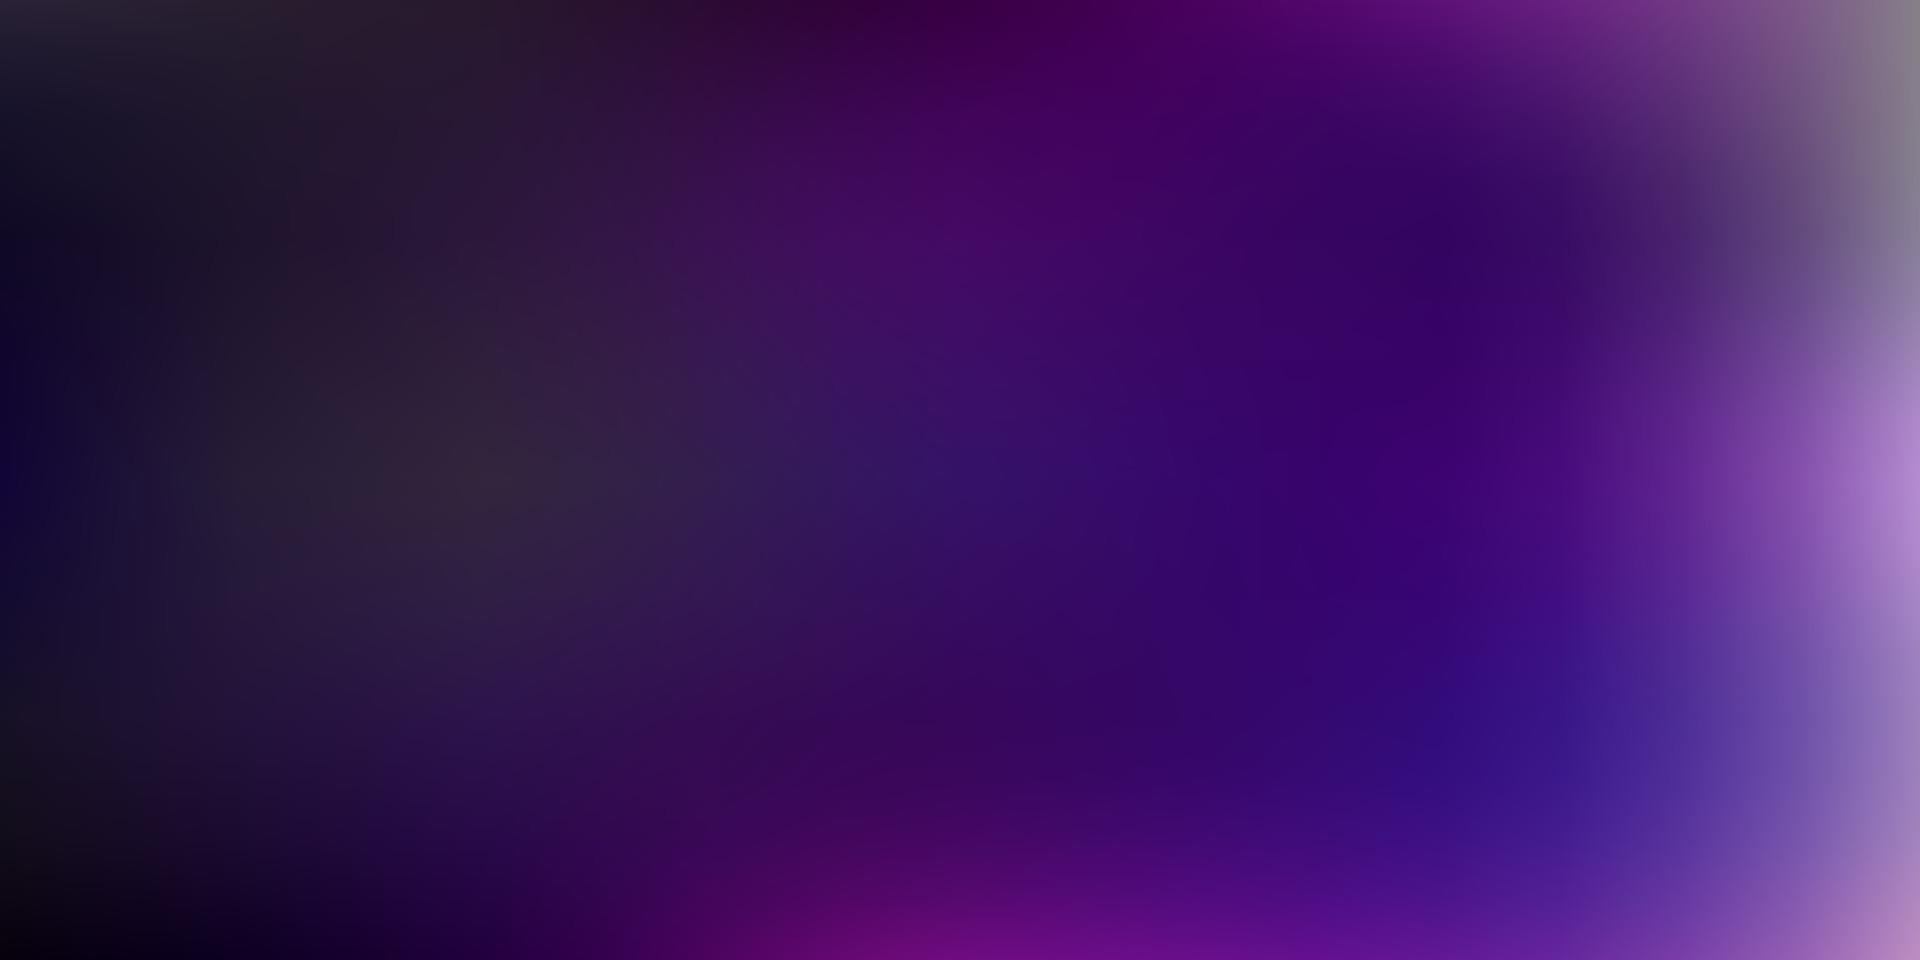 mörkrosa vektor abstrakt oskärpa ritning.